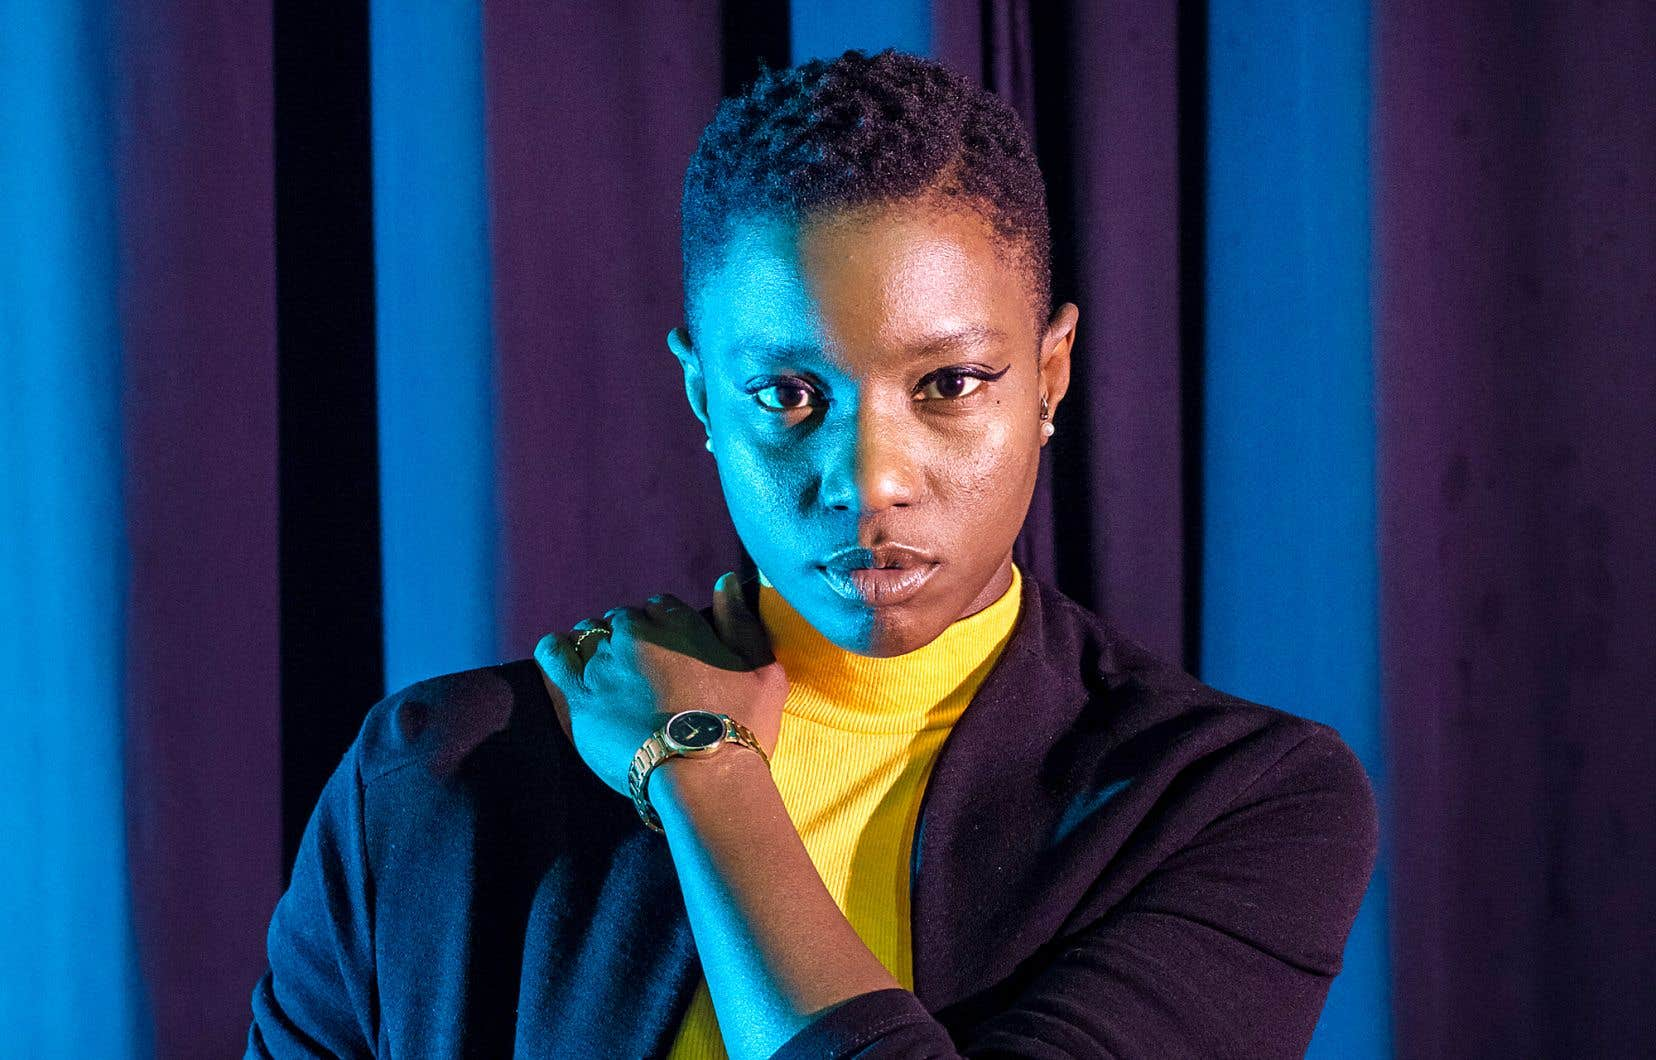 «Irréversible» est le second album en dix ans de carrière de Sarahmée, un disque dense et dansant qui, en trame de fond, redéfinit le style de la musicienne à coup de rimes dures, de basses trap et de rythmes afrobeat.